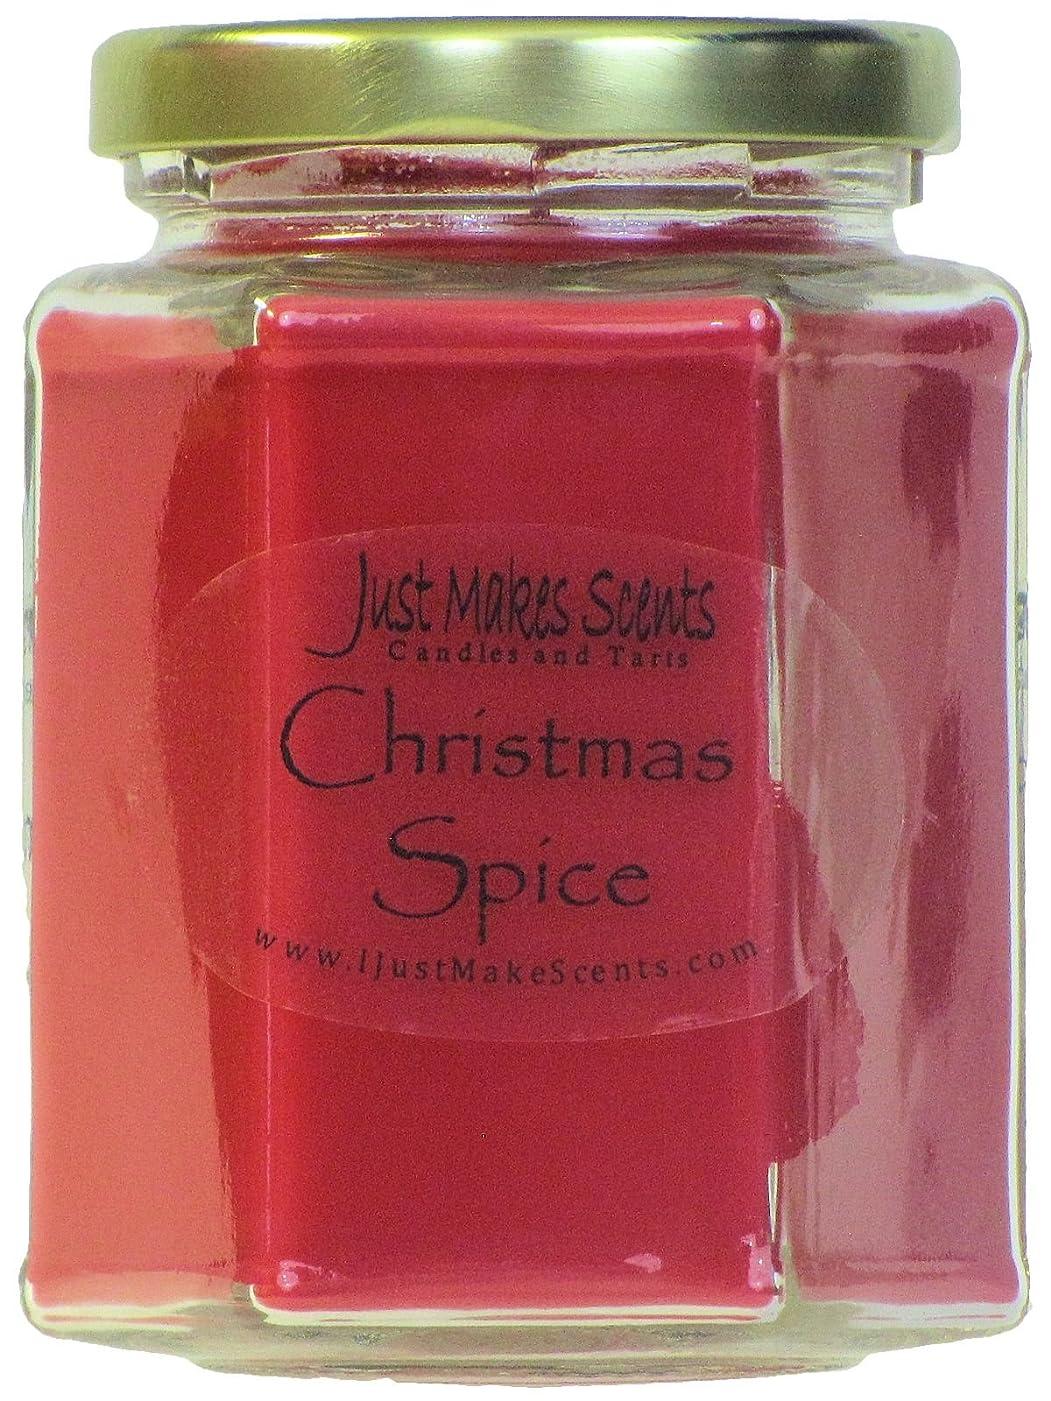 喜劇父方のポスト印象派クリスマスSpice香りつきBlended Soy Candle by Just Makes Scents 1 Candle レッド C02009HRDD